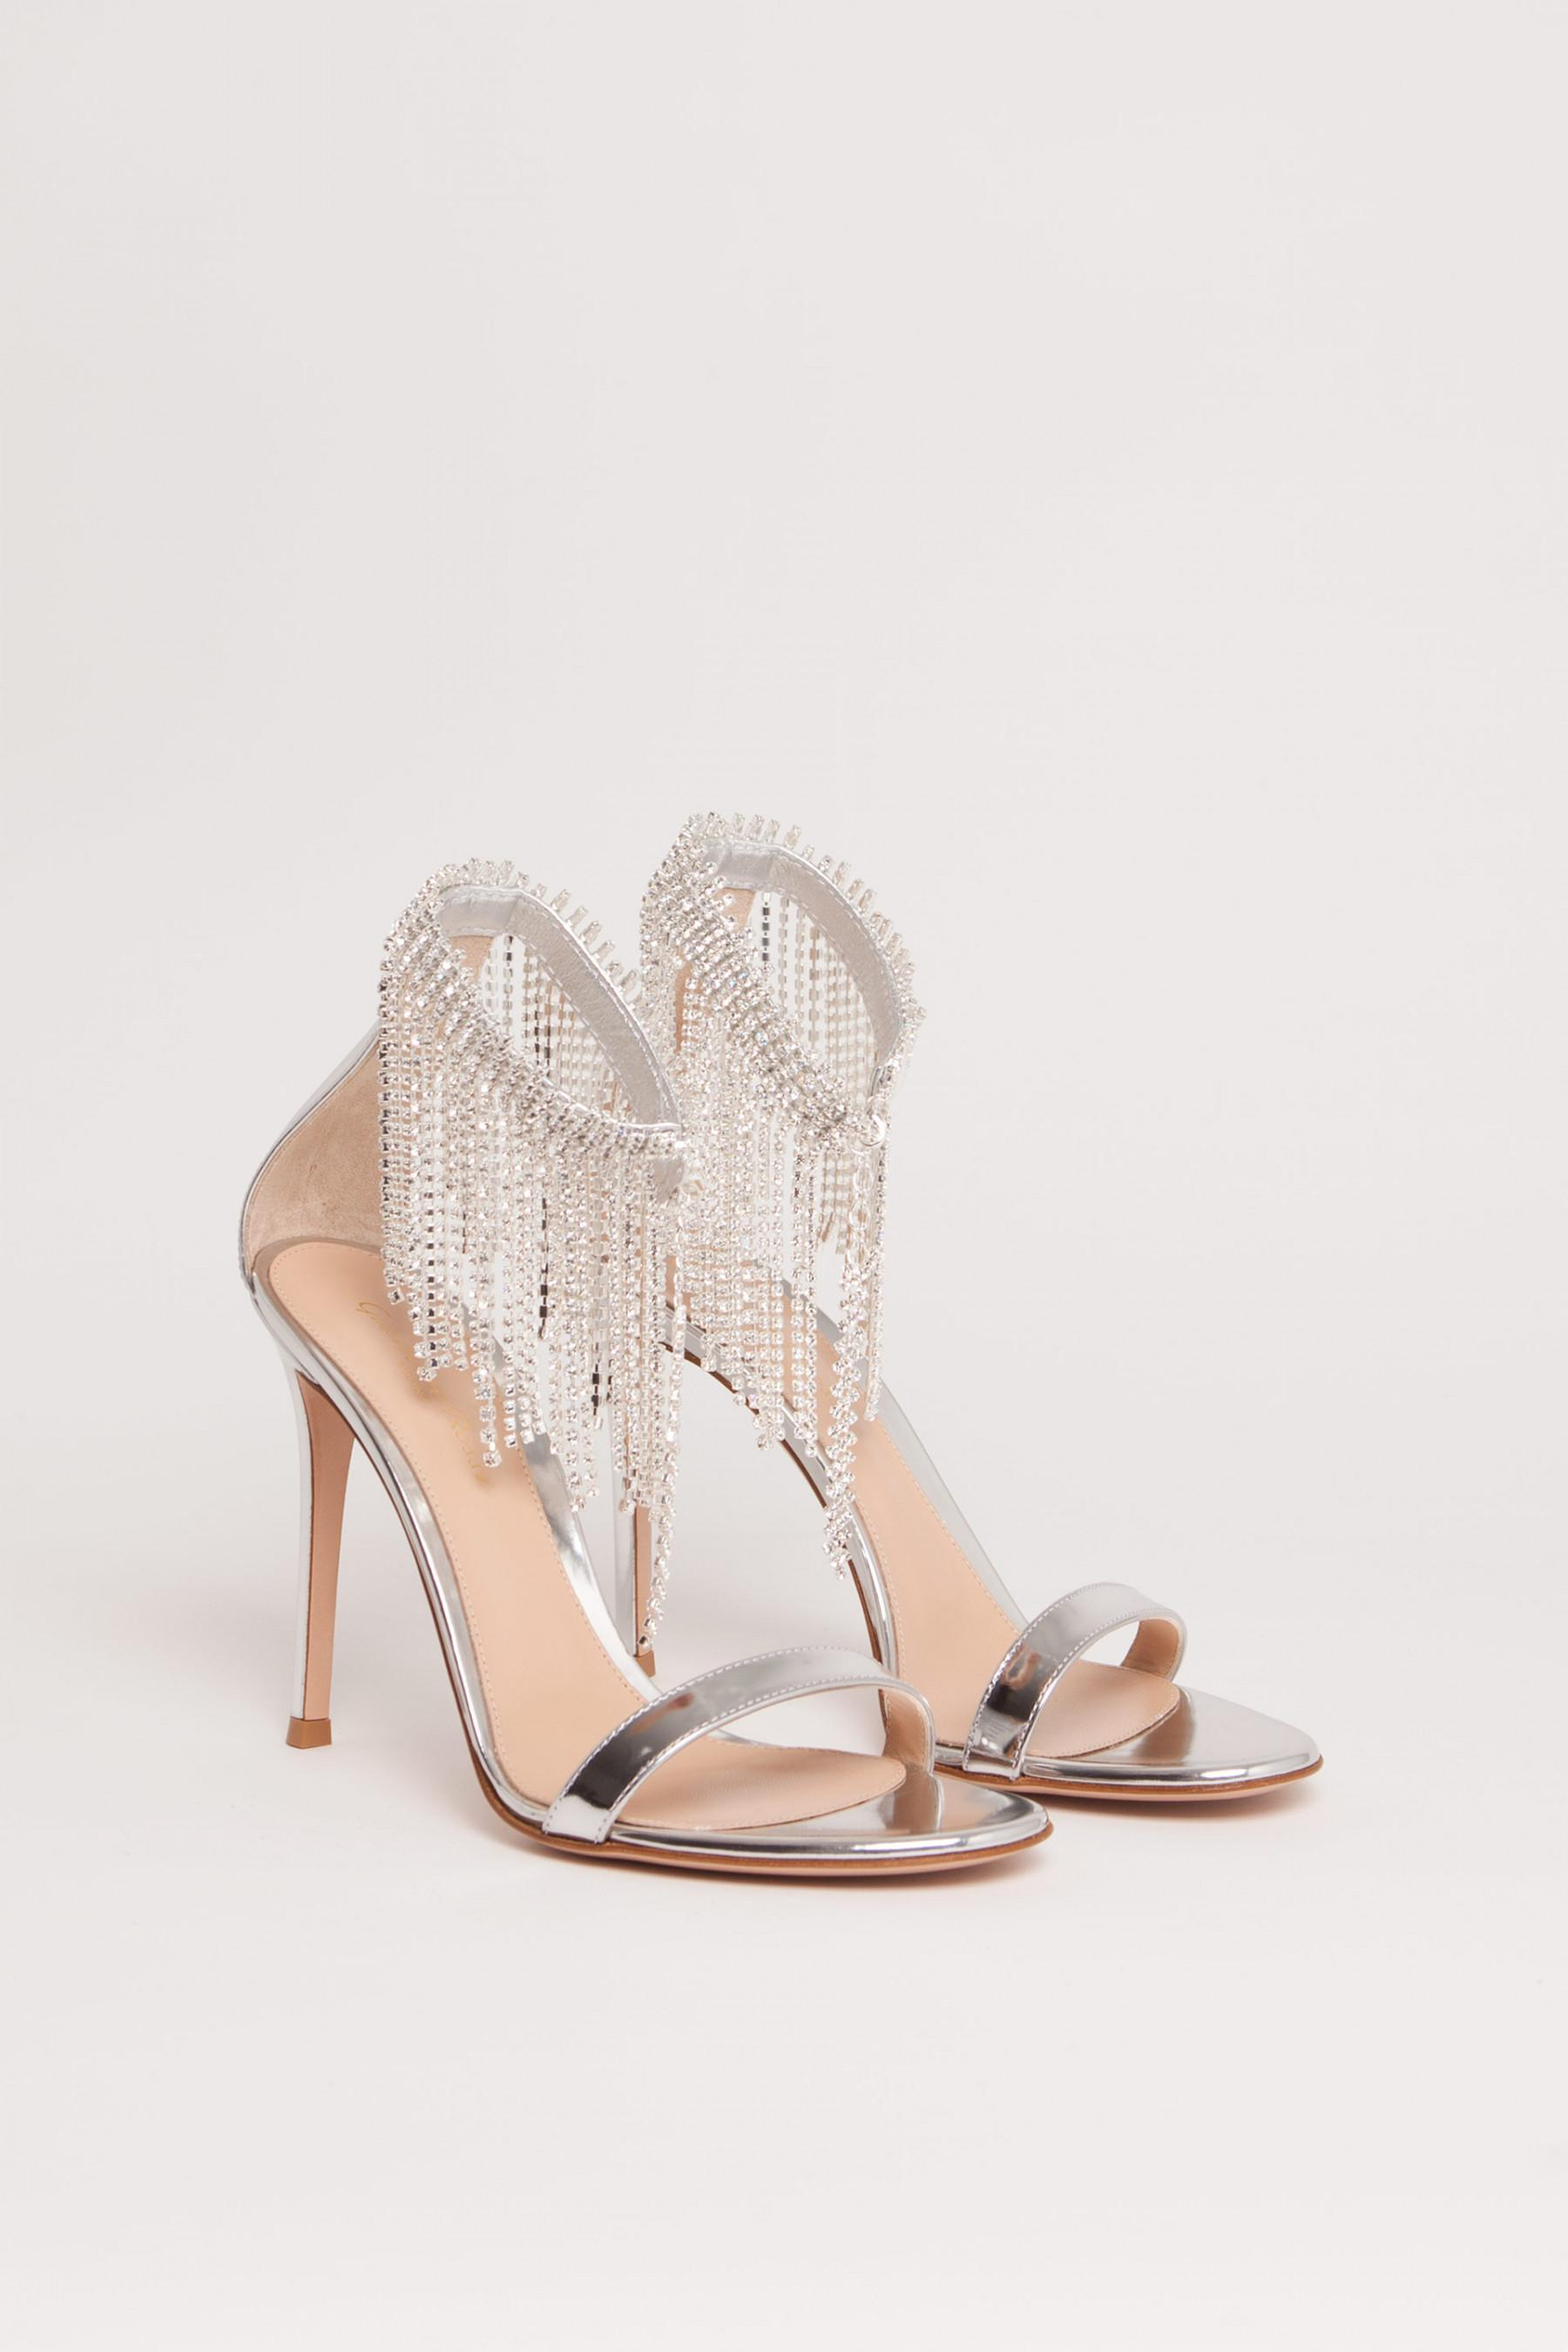 Jasmine sandals - Metallic Gianvito Rossi 8SSuM